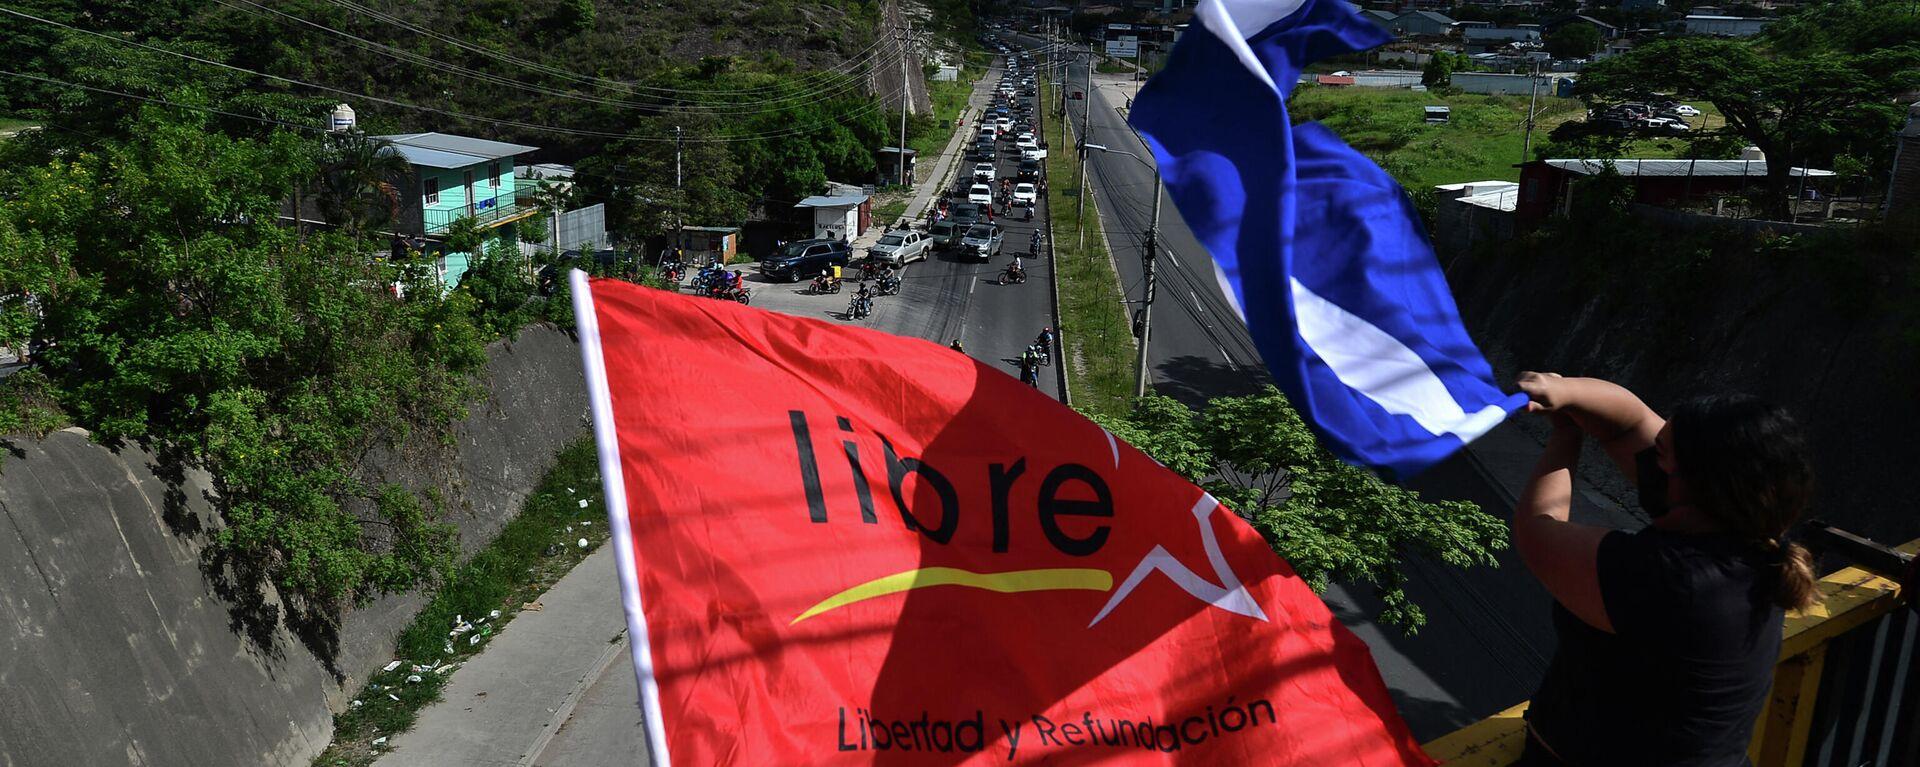 La bandera del Partido Libertad y Refundación (Libre, izquierda) en Honduras - Sputnik Mundo, 1920, 15.07.2021